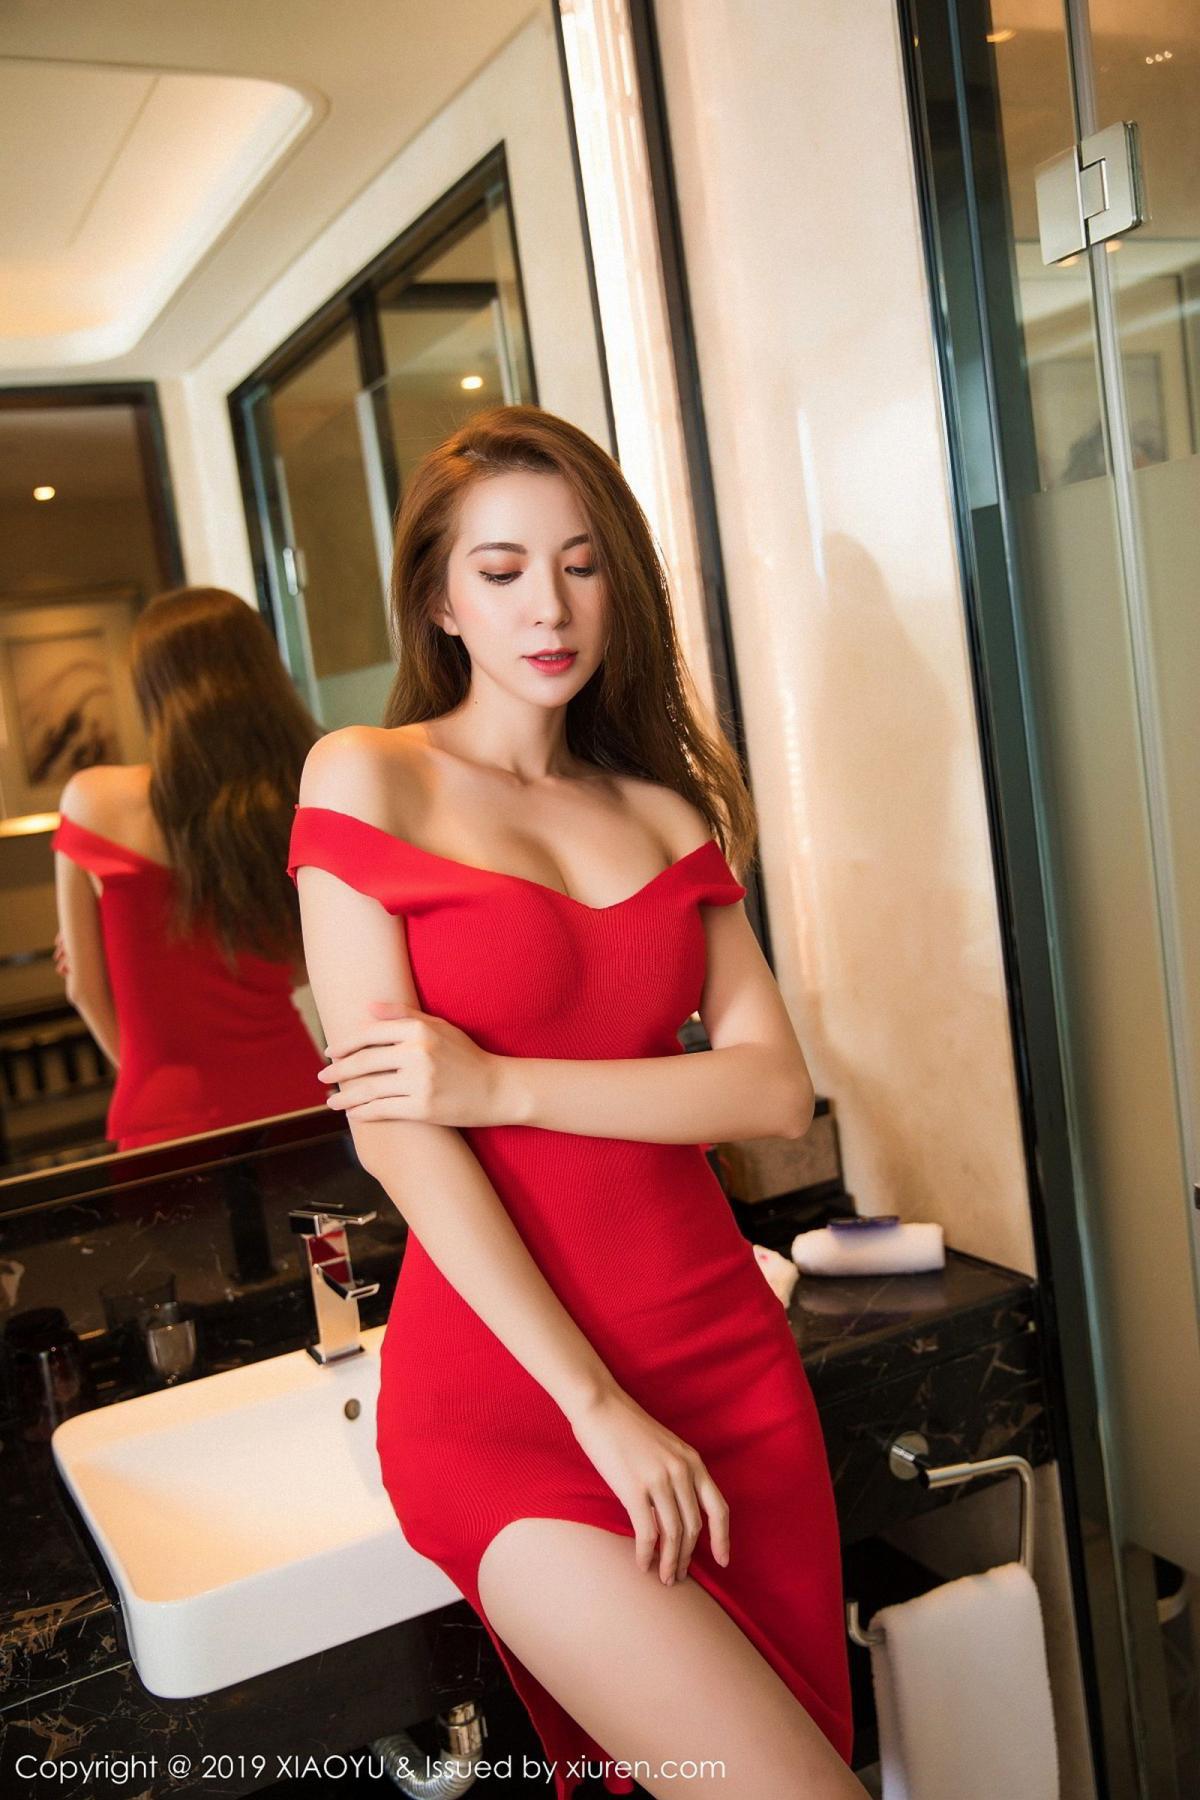 [XiaoYu] Vol.033 Chen Liang Ling 7P, Chen Liang Ling, Tall, Underwear, XiaoYu